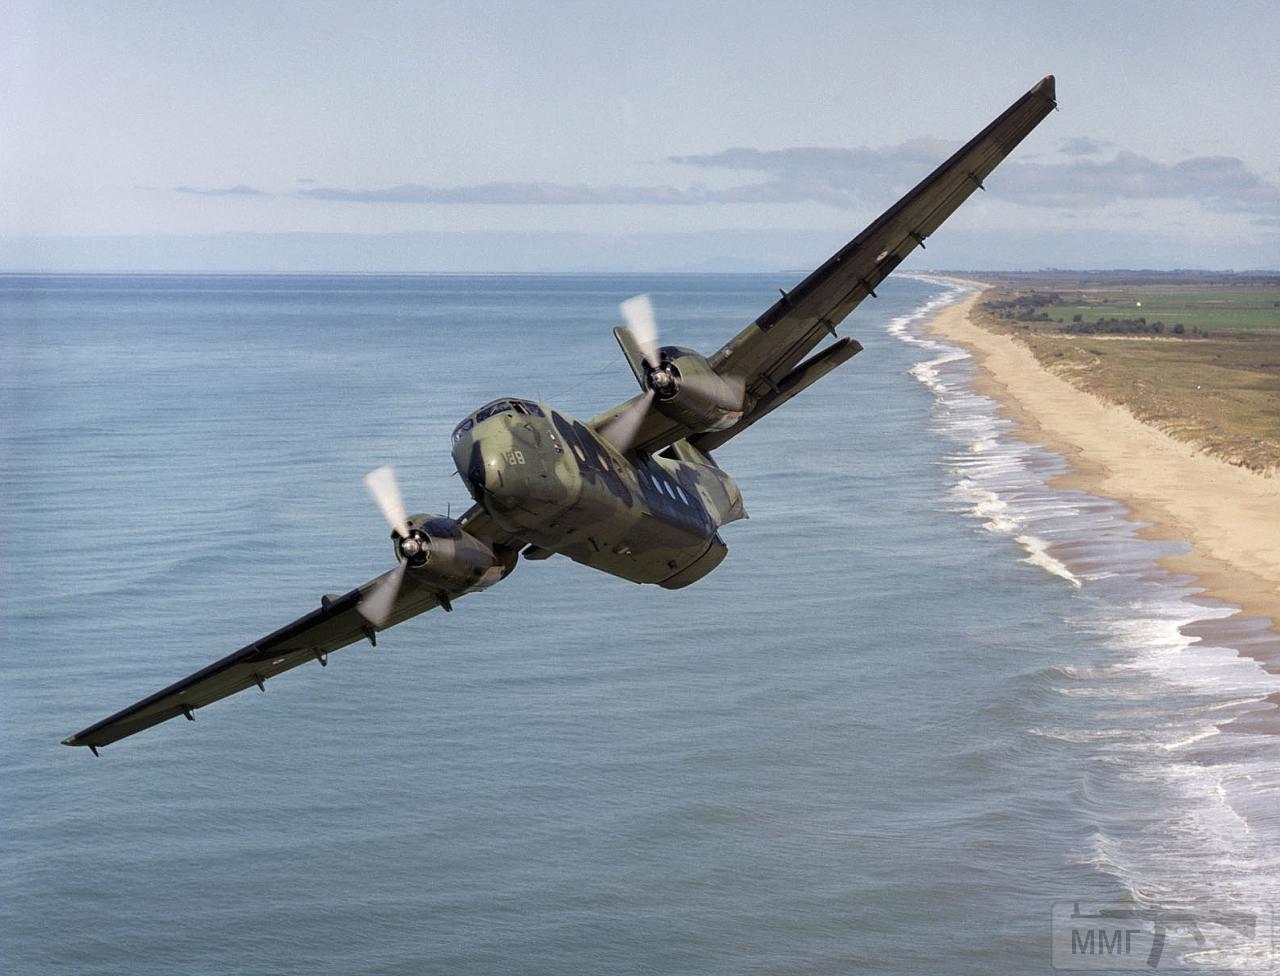 27201 - Красивые фото и видео боевых самолетов